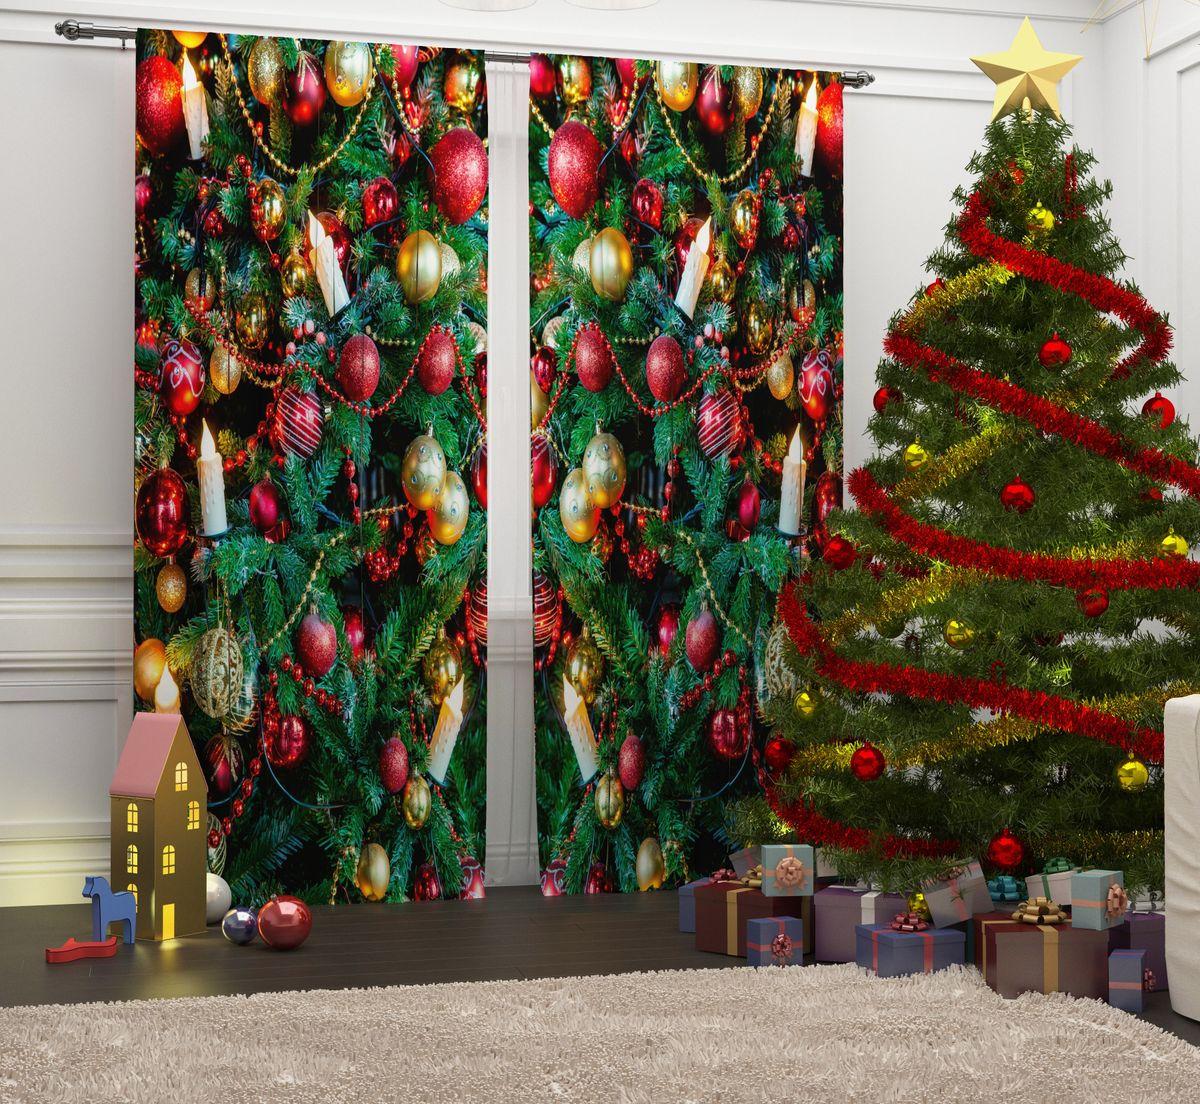 Фотошторы Сирень Елочные игрушки, на ленте, высота 260 см. 07117-ФШ-ГБ-001ES-412Перед новогодними праздниками каждая хозяйка или хозяин хотят украсить свой дом. Мы предлагаем оригинальное решение, украсить Ваше окно фотошторами с новогодней тематикой. Новогодние фотошторы Сирень станут отличным подарком на Новый год. Подарите радость праздника себе и Вашим близким людям!Текстиль бренда «Сирень» - качество в каждом сантиметре ткани!Крепление на карниз при помощи шторной ленты на крючки.В комплекте: Портьера: 2 шт. Размер (ШхВ): 145 см х 260 см. Рекомендации по уходу: стирка при 30 градусах гладить при температуре до 150 градусов Изображение на мониторе может немного отличаться от реального.